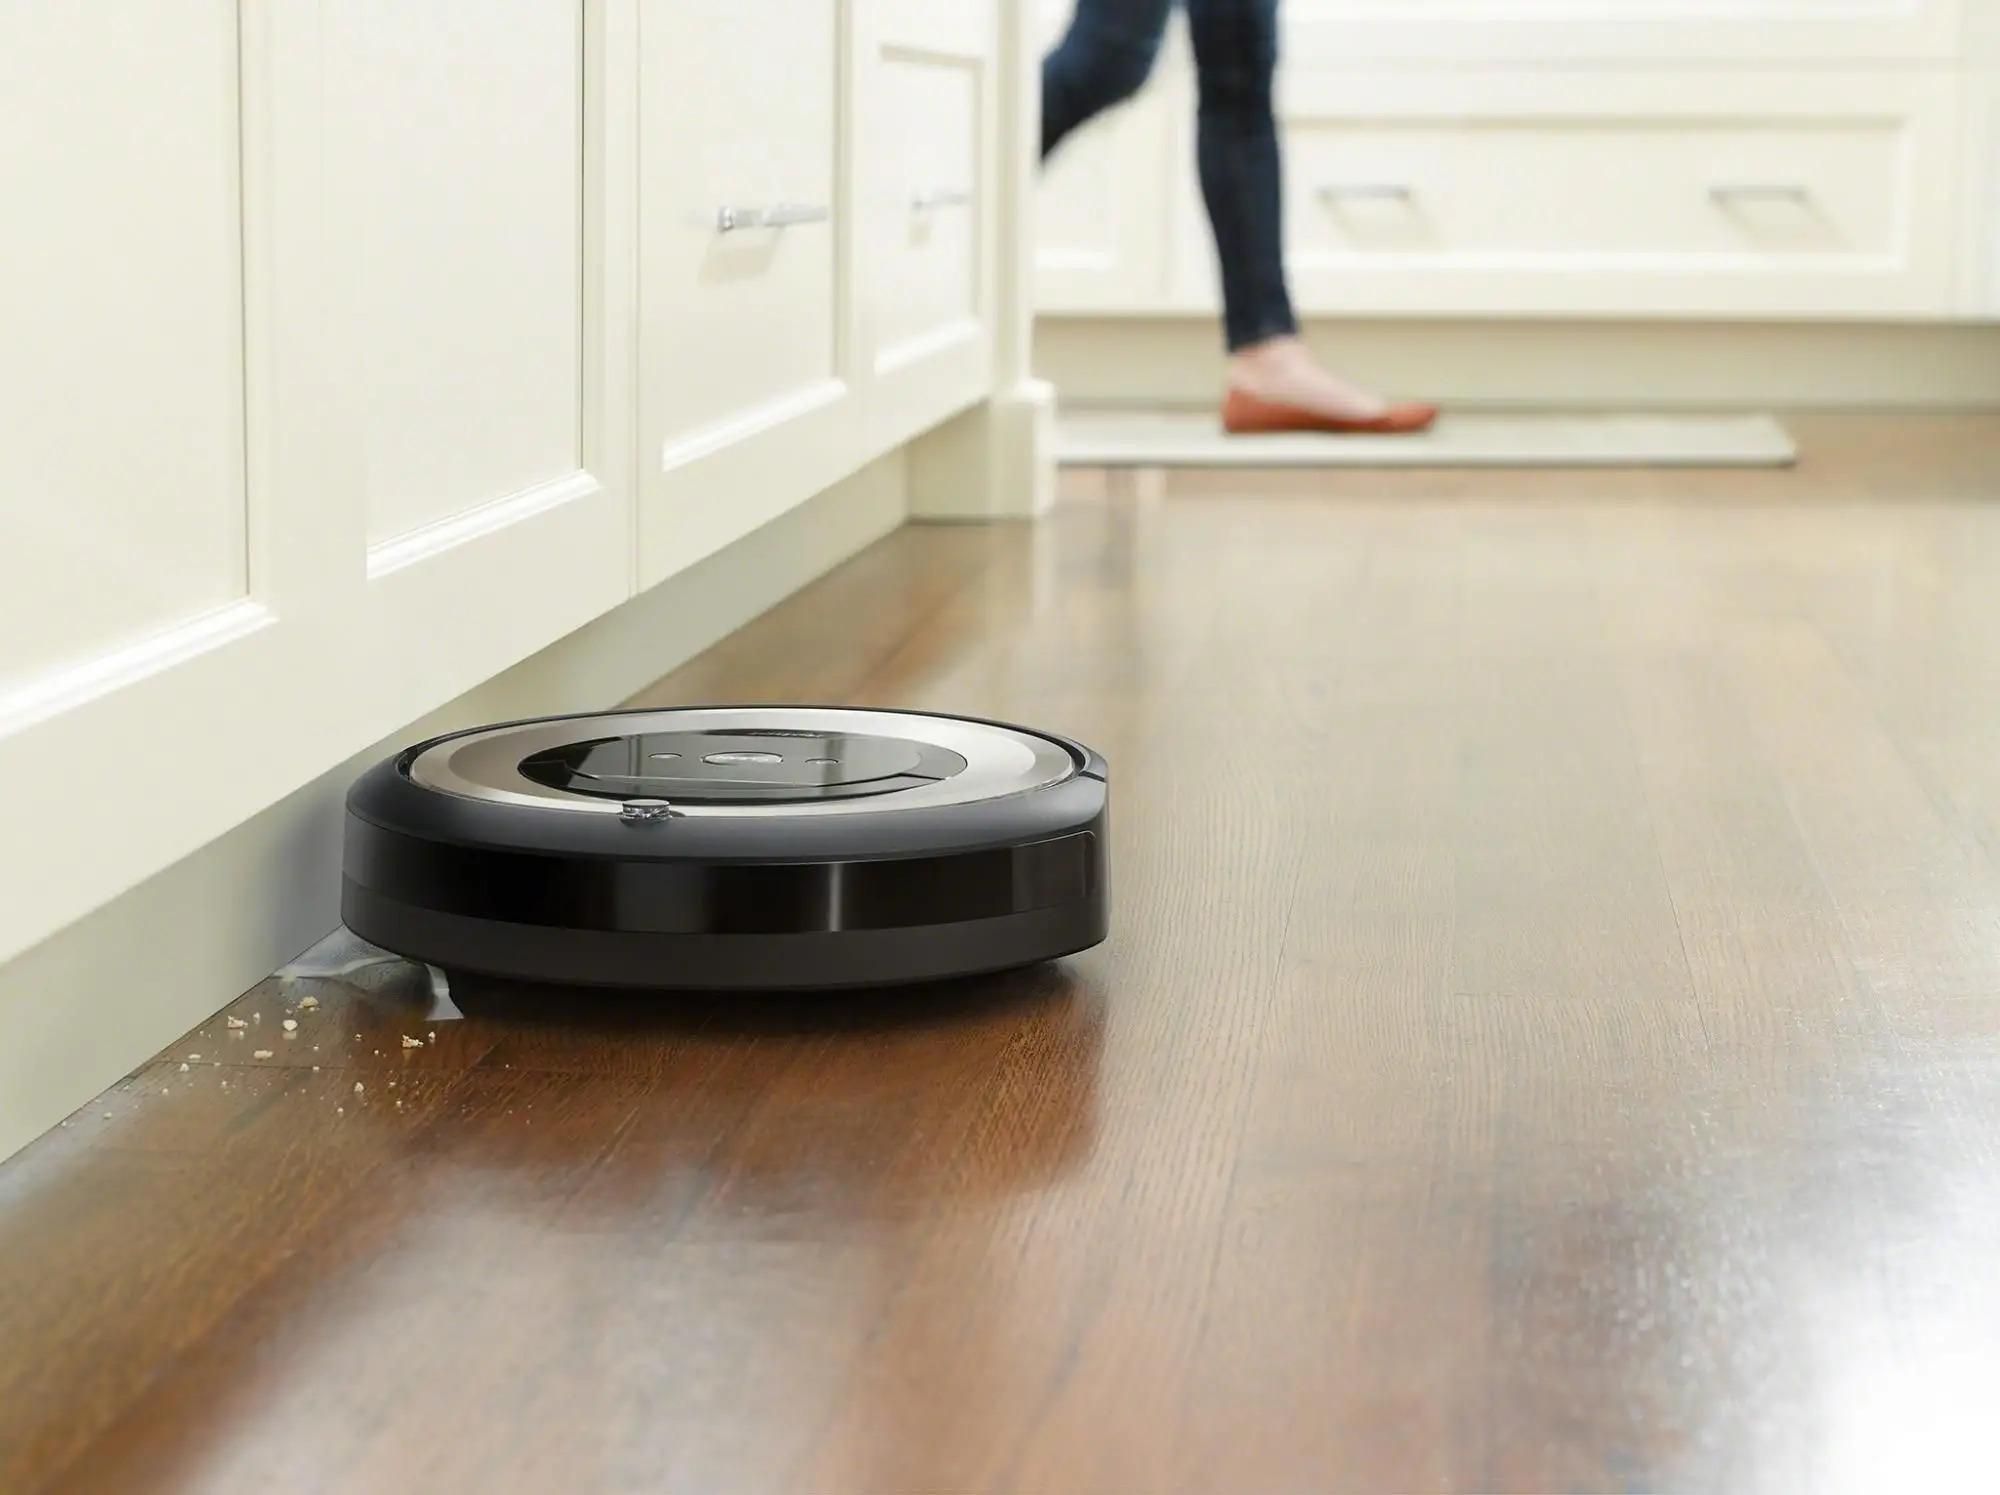 iRobot Roomba e6 funkce odloženého úklidu